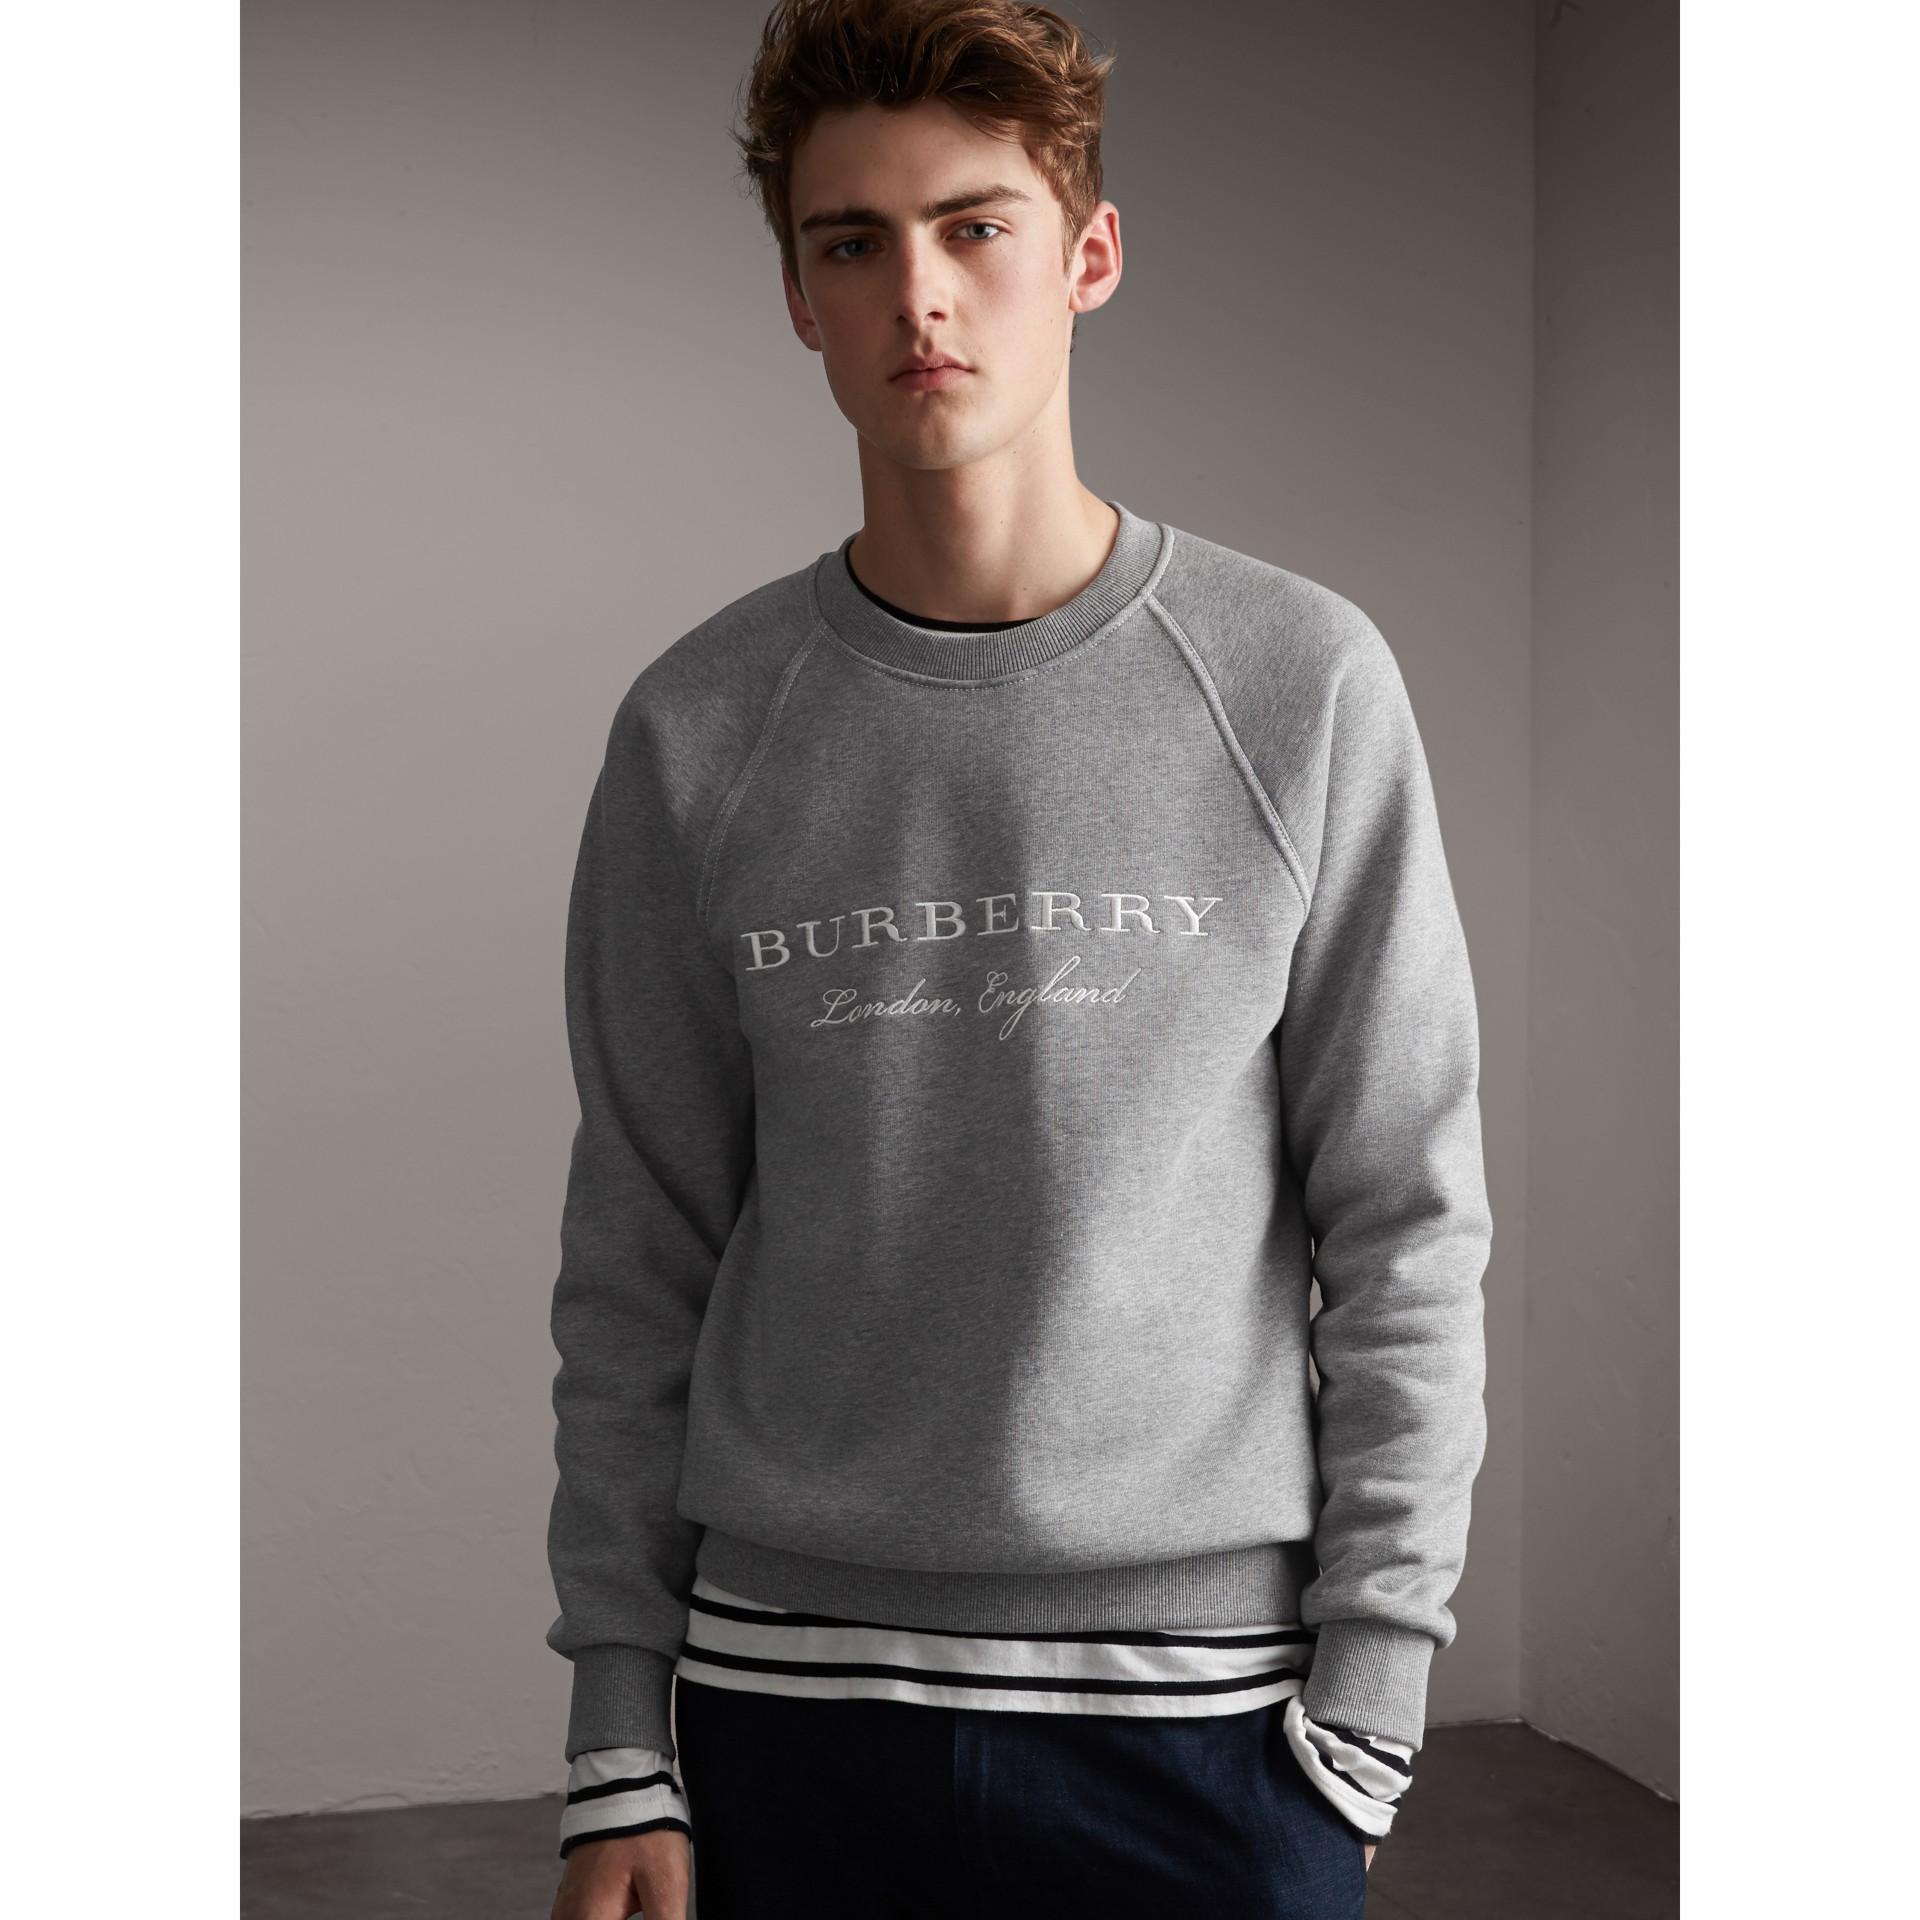 엠브로이더리 저지 스웨트셔츠 (페일 그레이 멜란지) - 남성 | Burberry - 갤러리 이미지 1